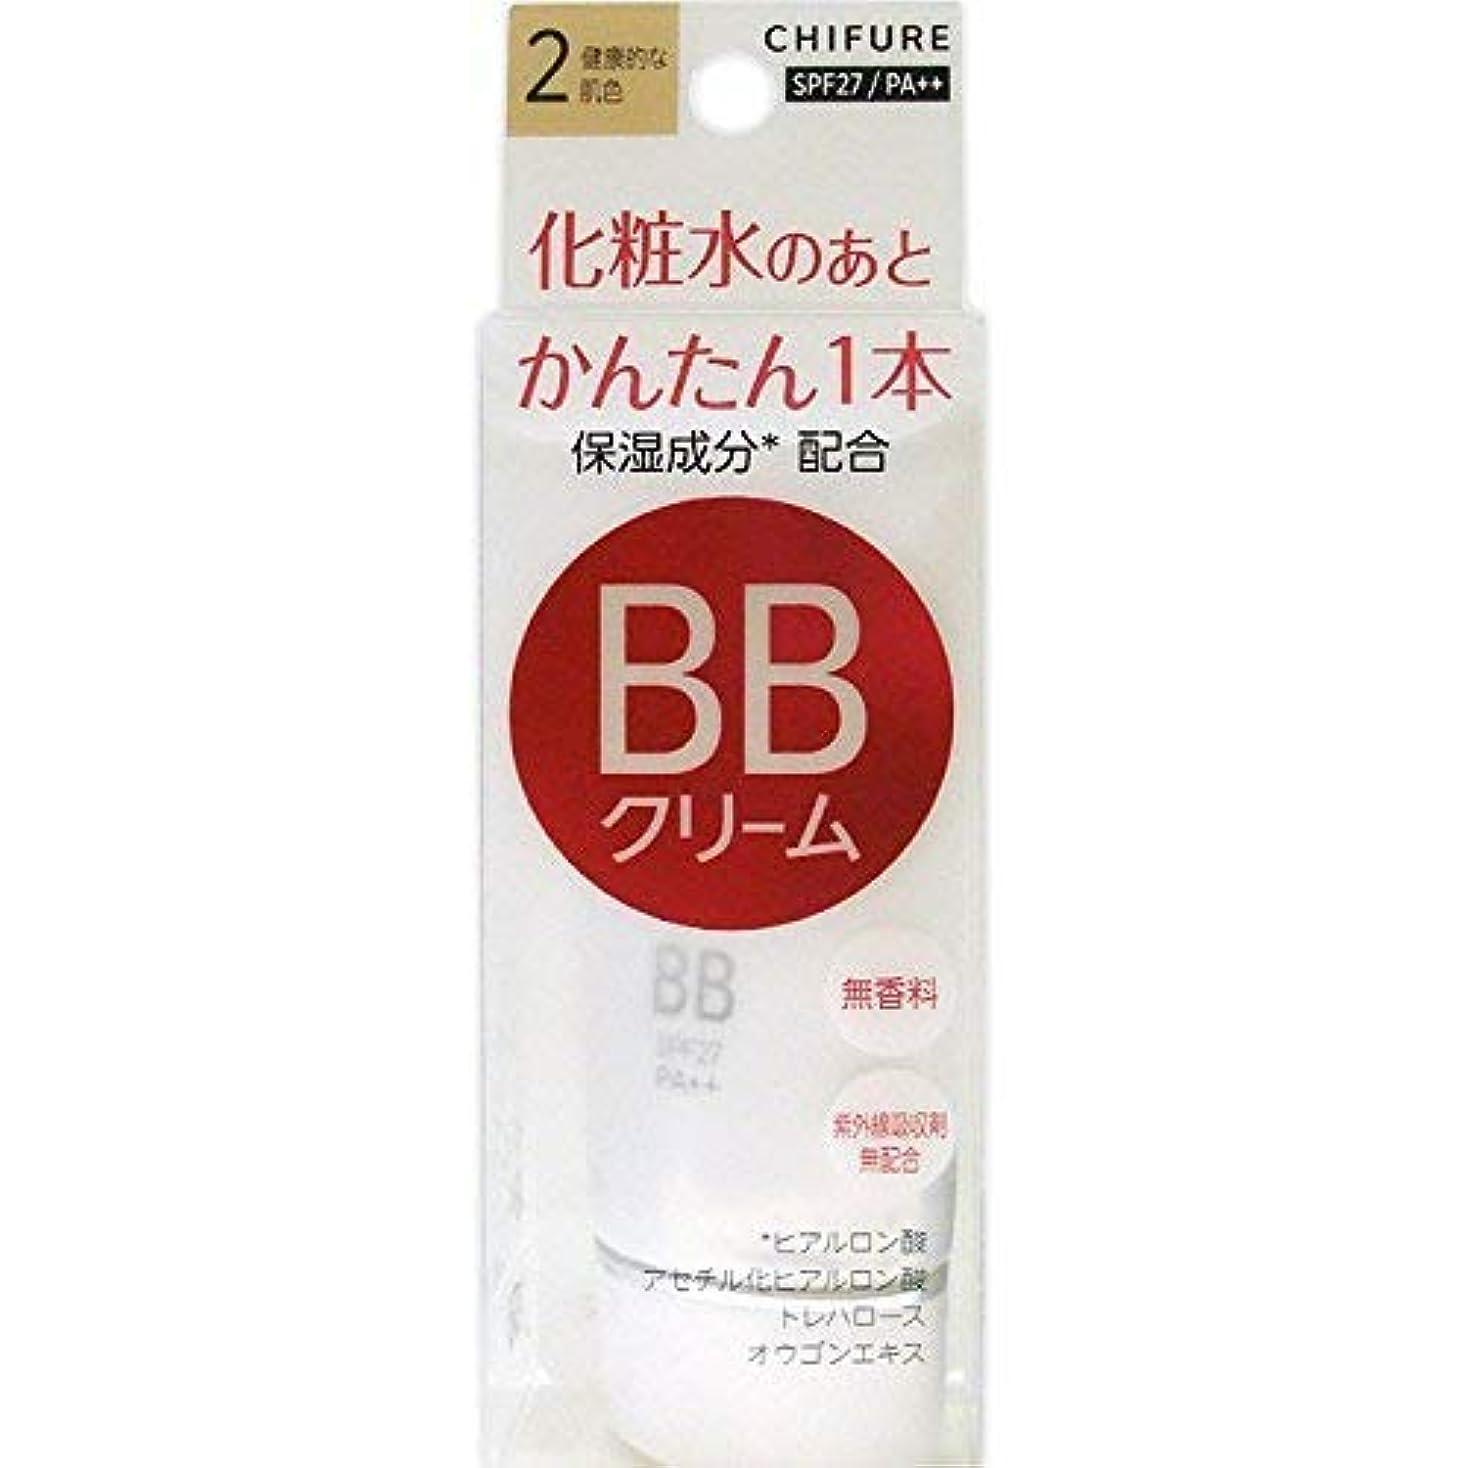 しないでください広大なハイジャックちふれ化粧品 BB クリーム 2 健康的な肌色 BBクリーム 2